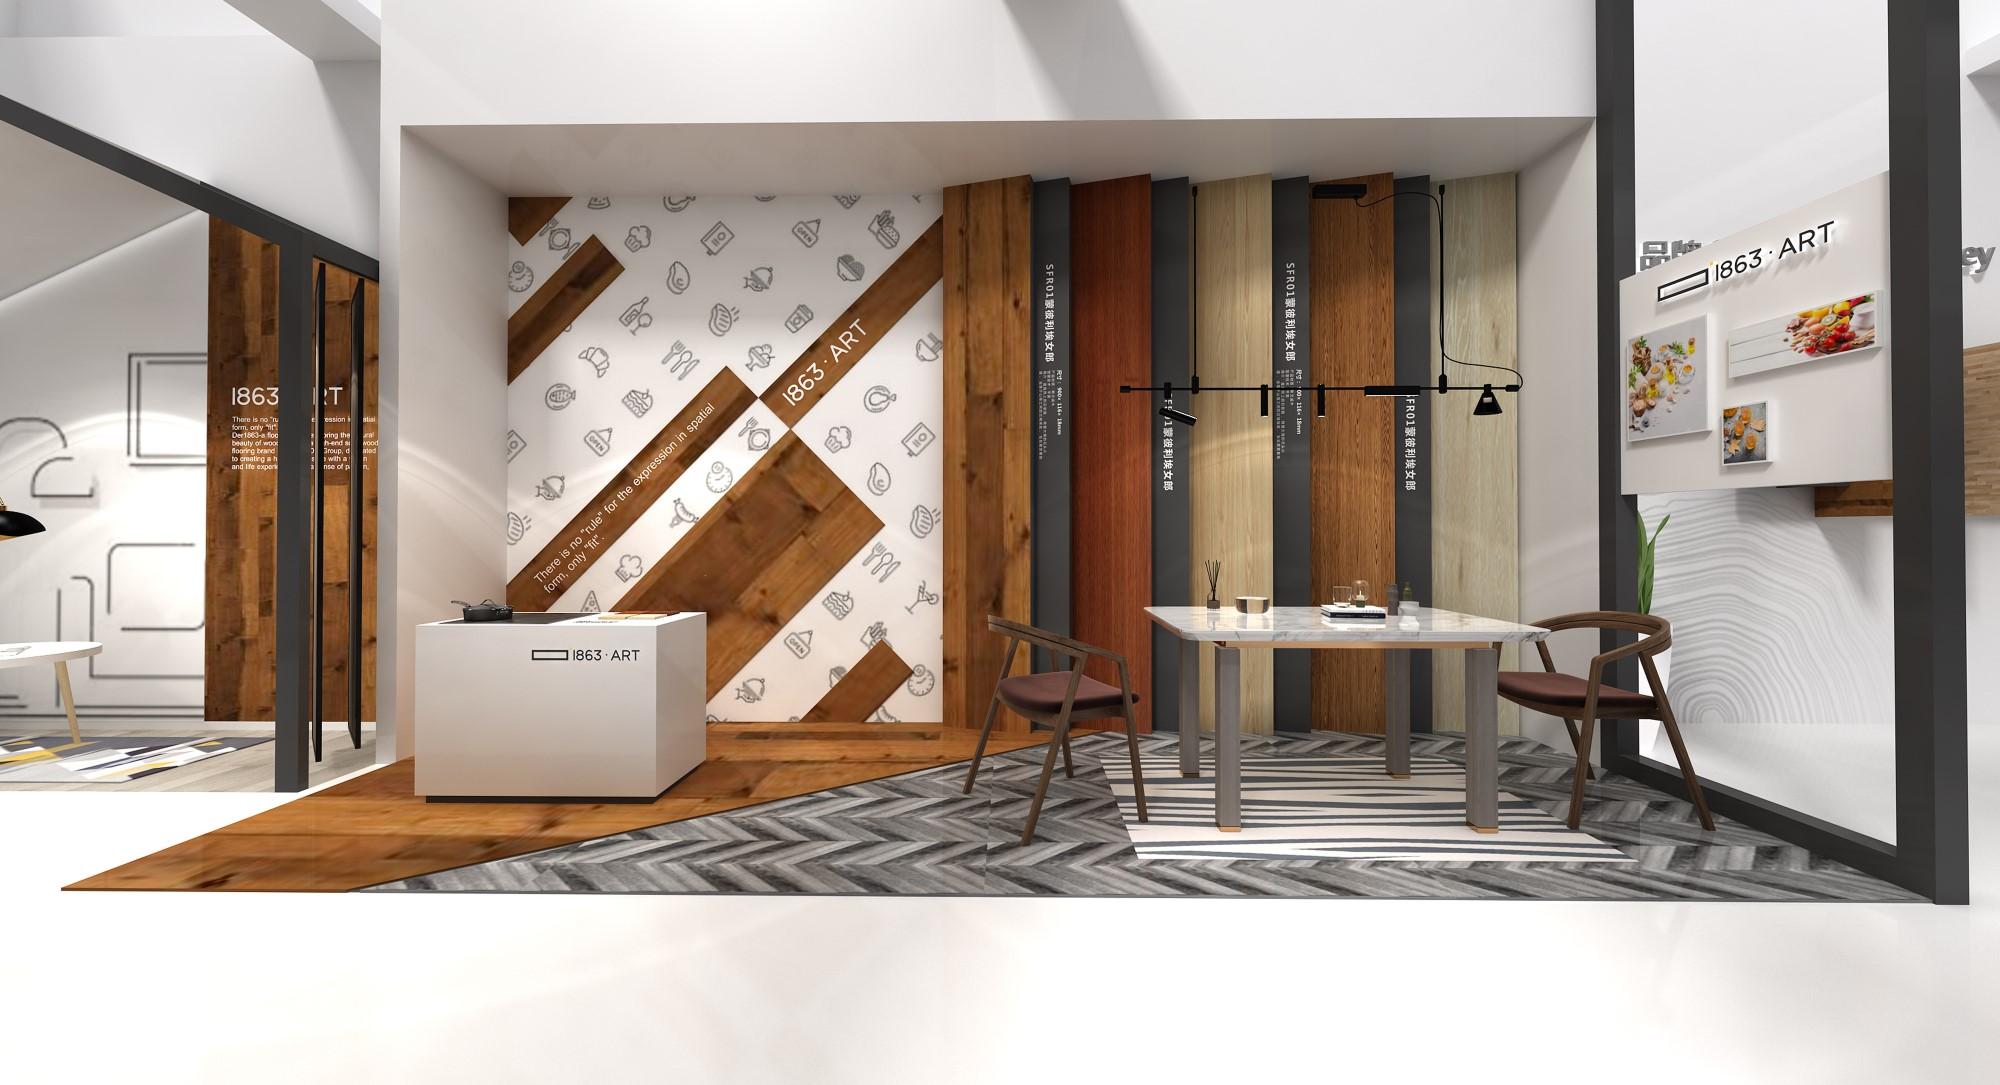 德尔集团—地面材料展展台设计案例